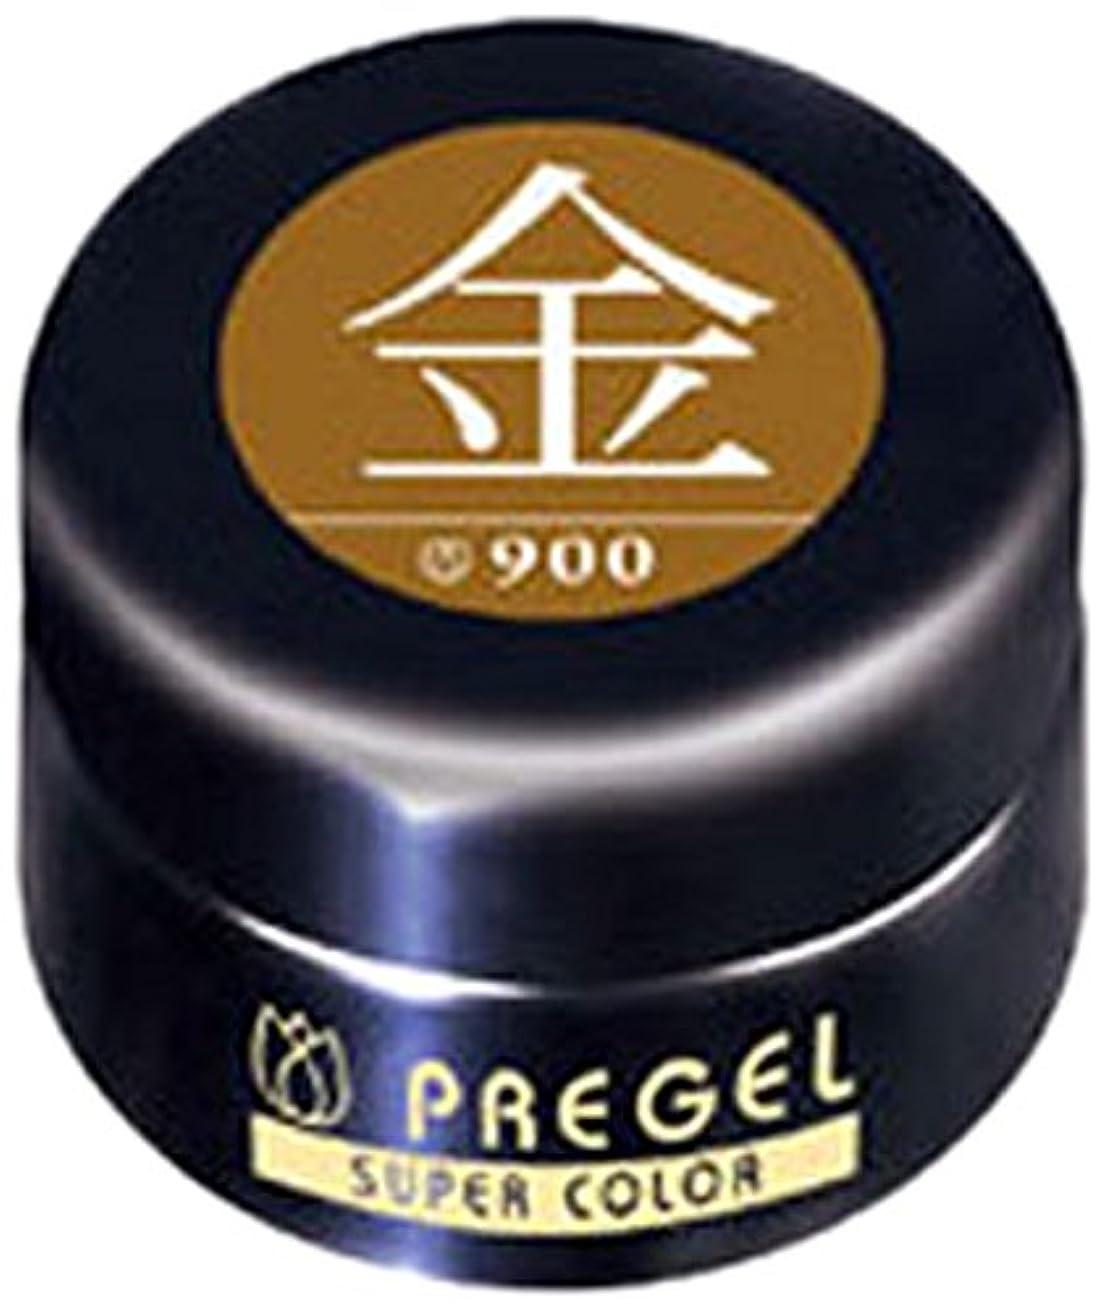 プレゼンターアコー他のバンドでプリジェル ジェルネイル スーパーカラーEX 金 4g PG-SE900 カラージェル UV/LED対応